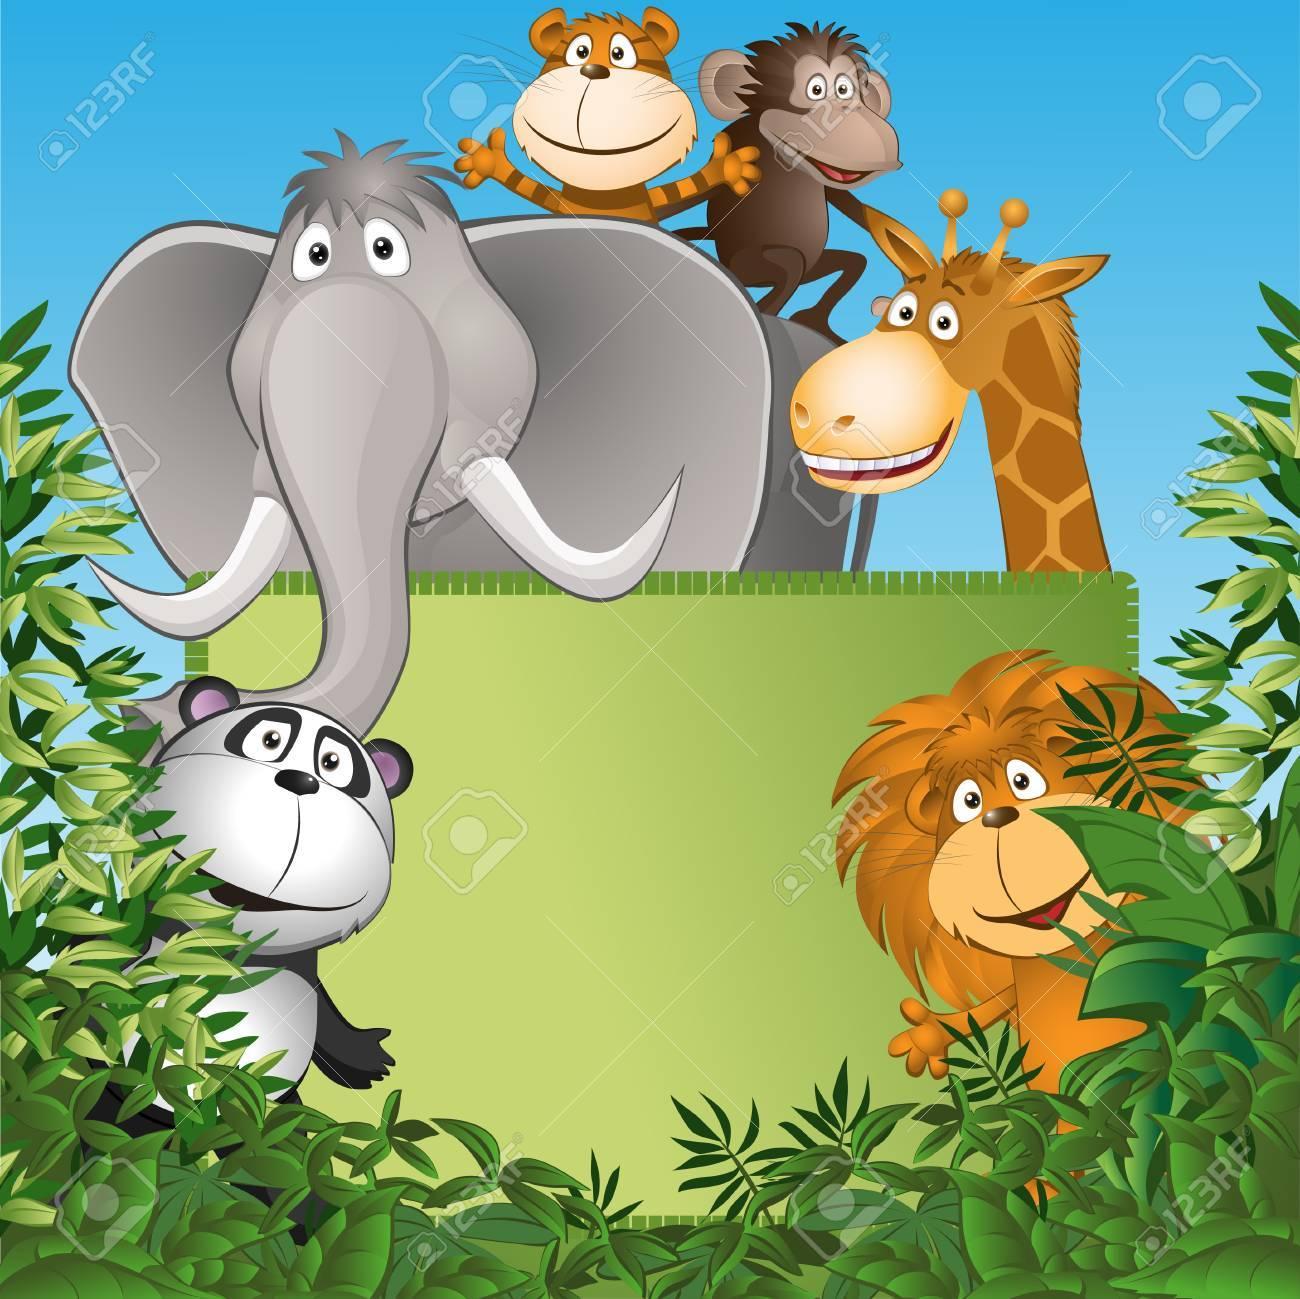 Groupe Des Petits Animaux Droles Illustration Vectorielle Clip Art Libres De Droits Vecteurs Et Illustration Image 25494904